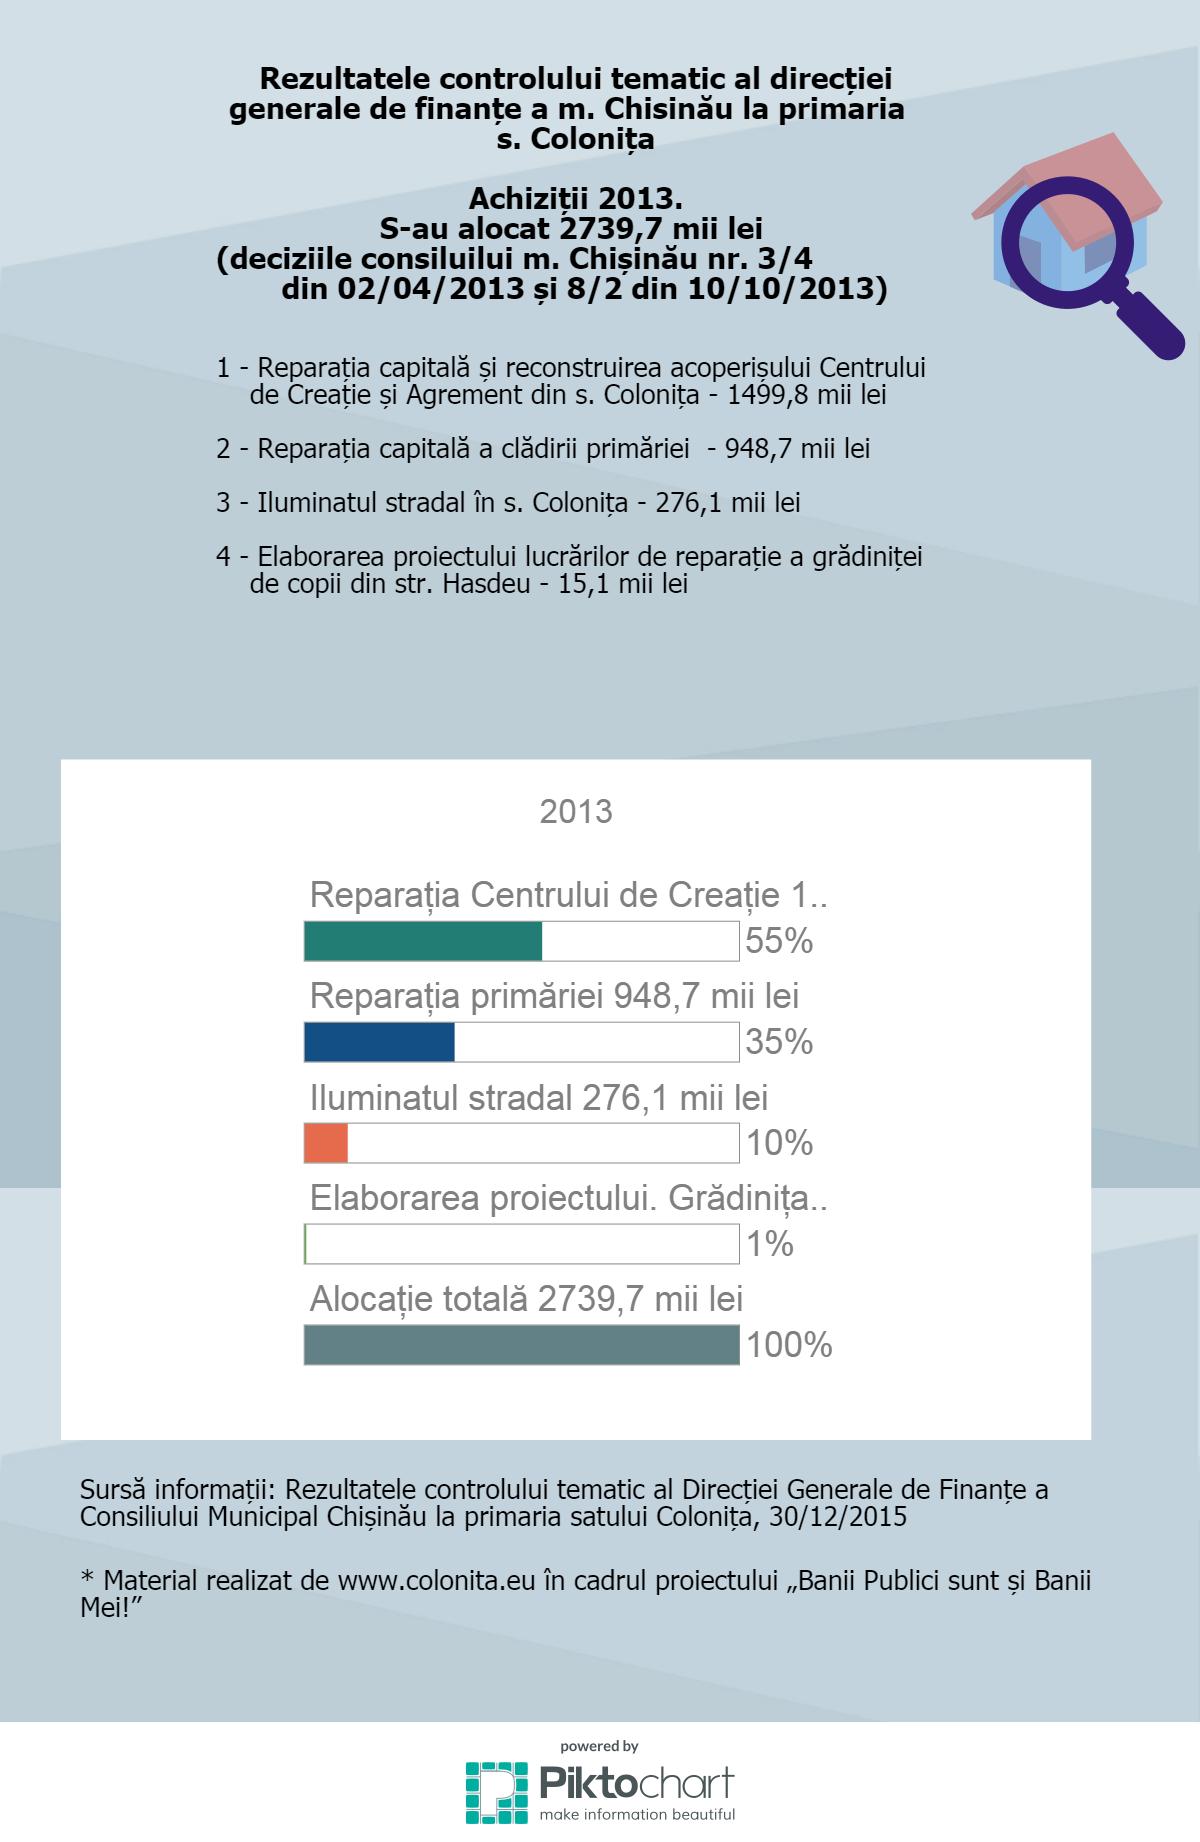 achizitii-2013